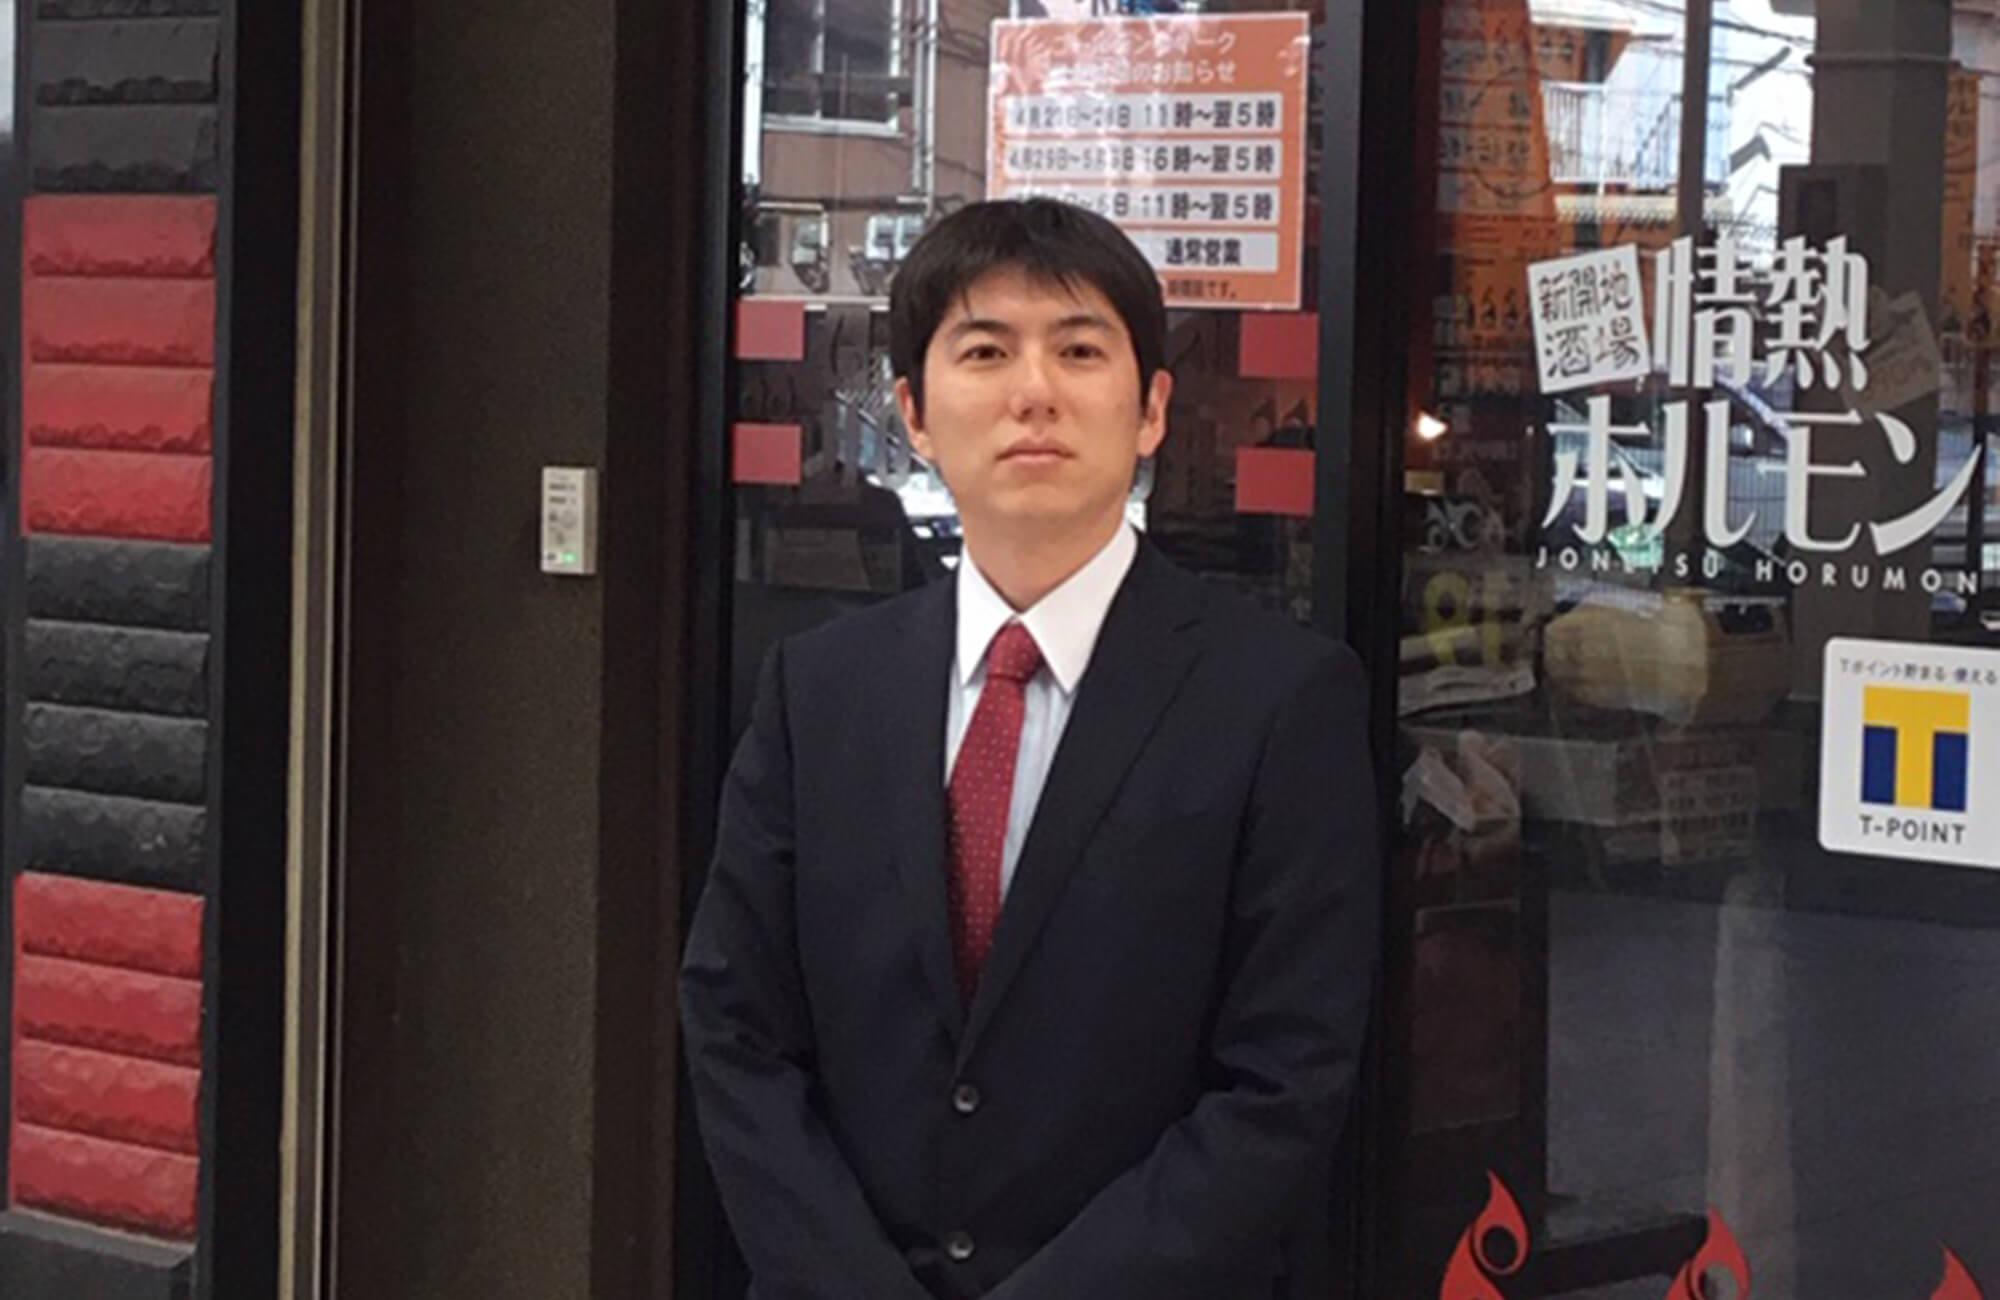 【株式会社どんたこ】代表取締役社長 瀬尾 祐介